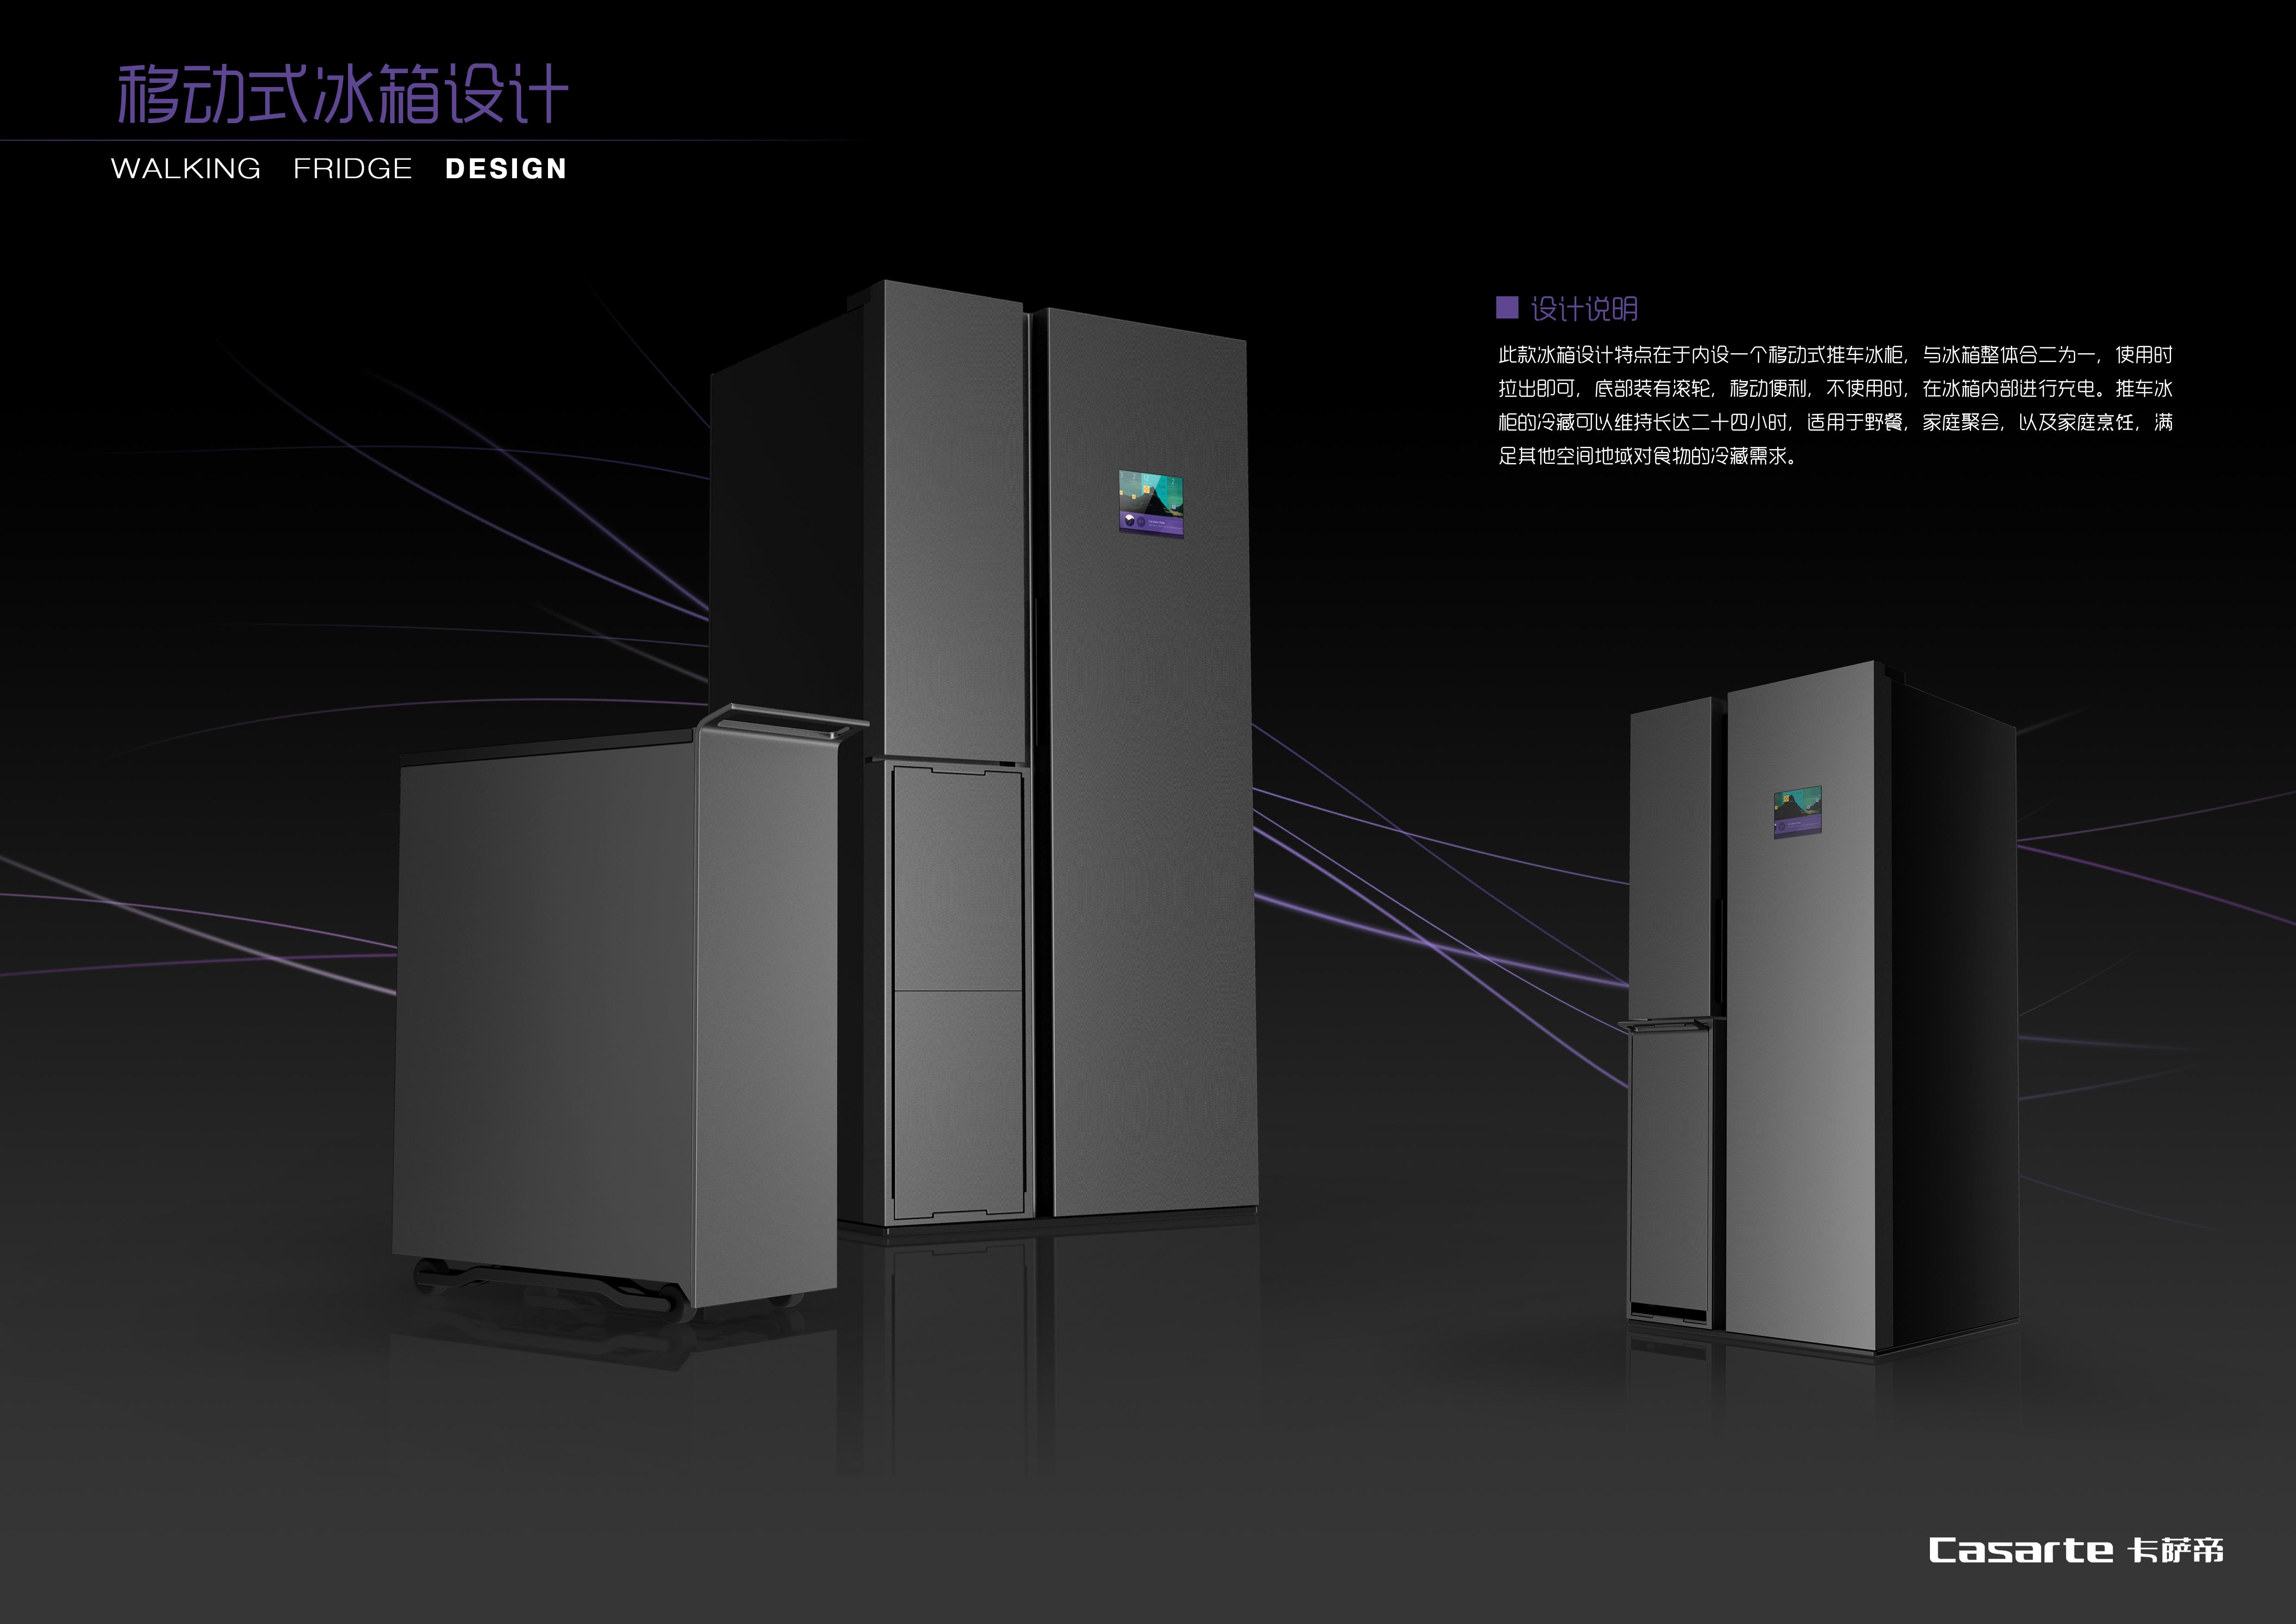 卡萨帝冰箱设计 工业/产品 生活用品 zncl23 - 原创图片